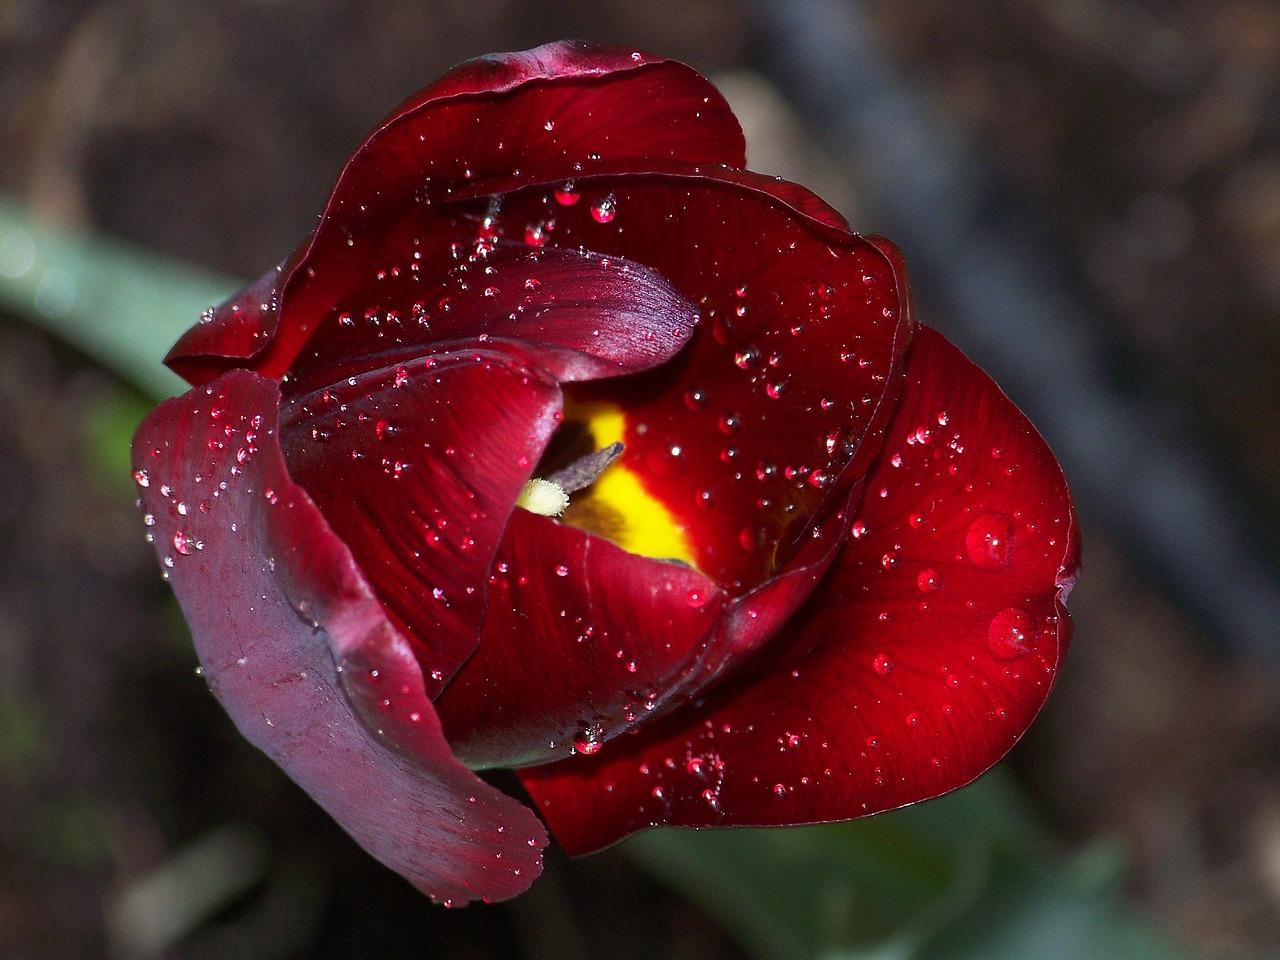 梦见花正在开放 梦见满院的鲜花开放